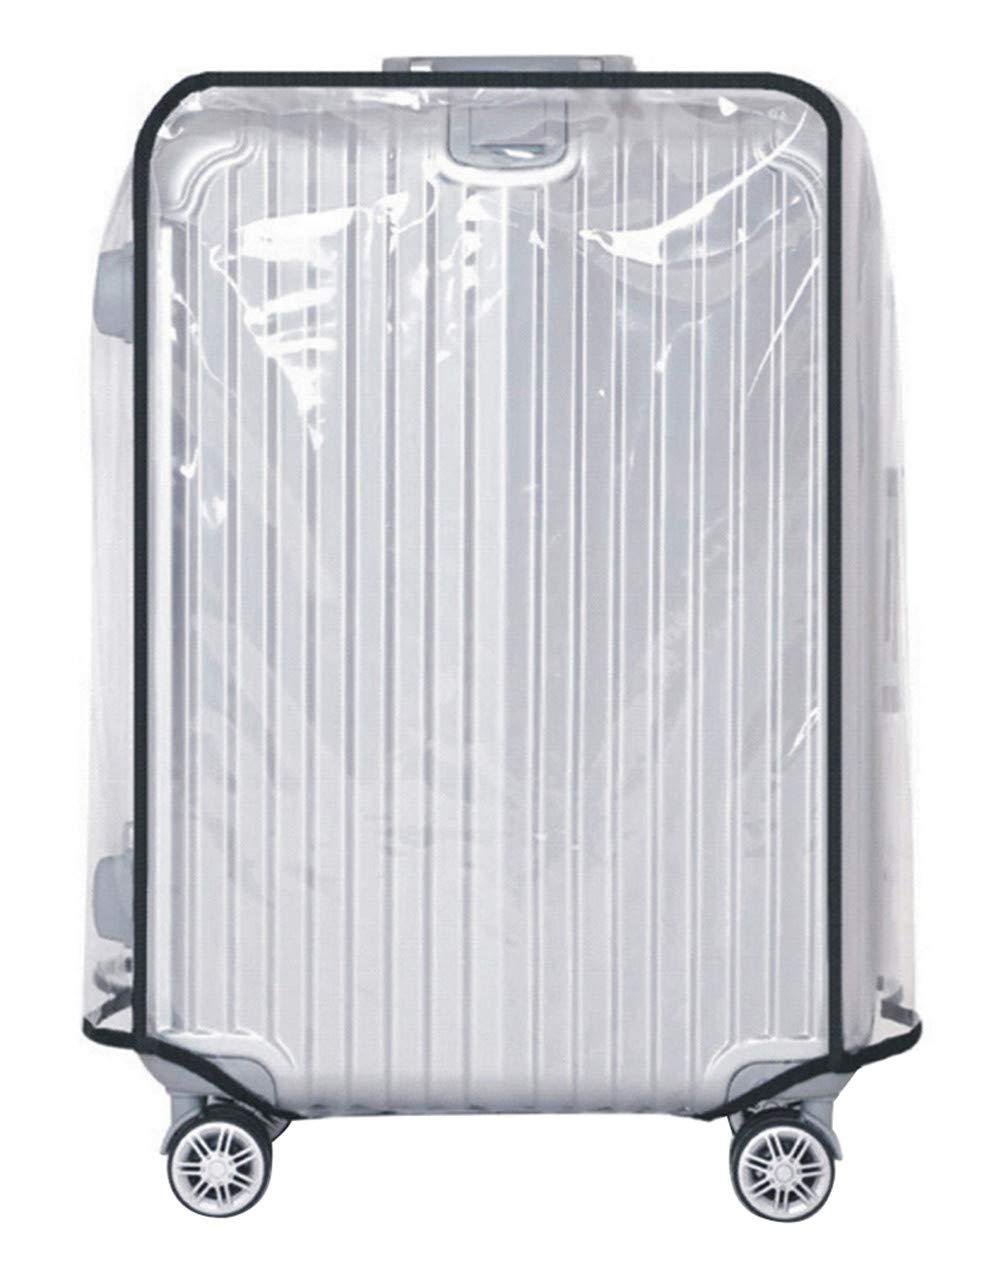 PVC Housse de Protection pour Bagage Transparent Imperm/éable Anti-Rayures Protecteur de Valise/,Transparent,20 Pouces Housse de Protection Valise